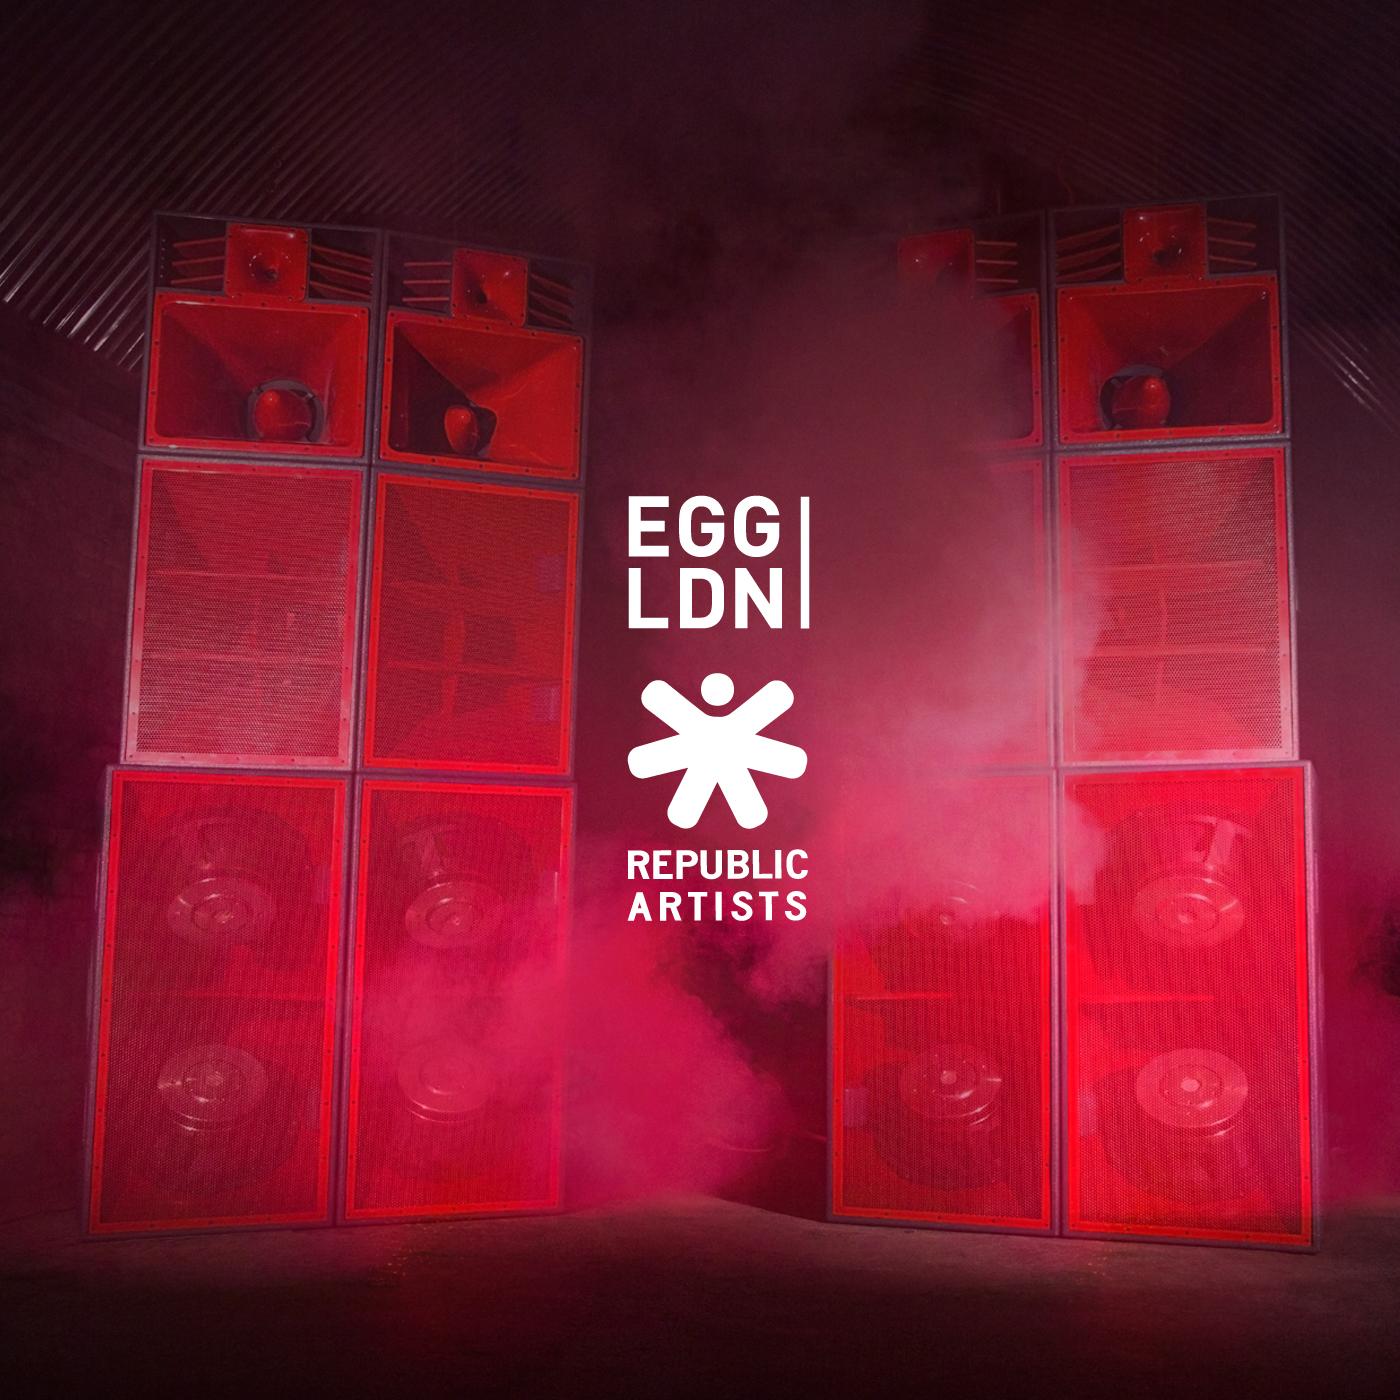 ra_basement_egg_london